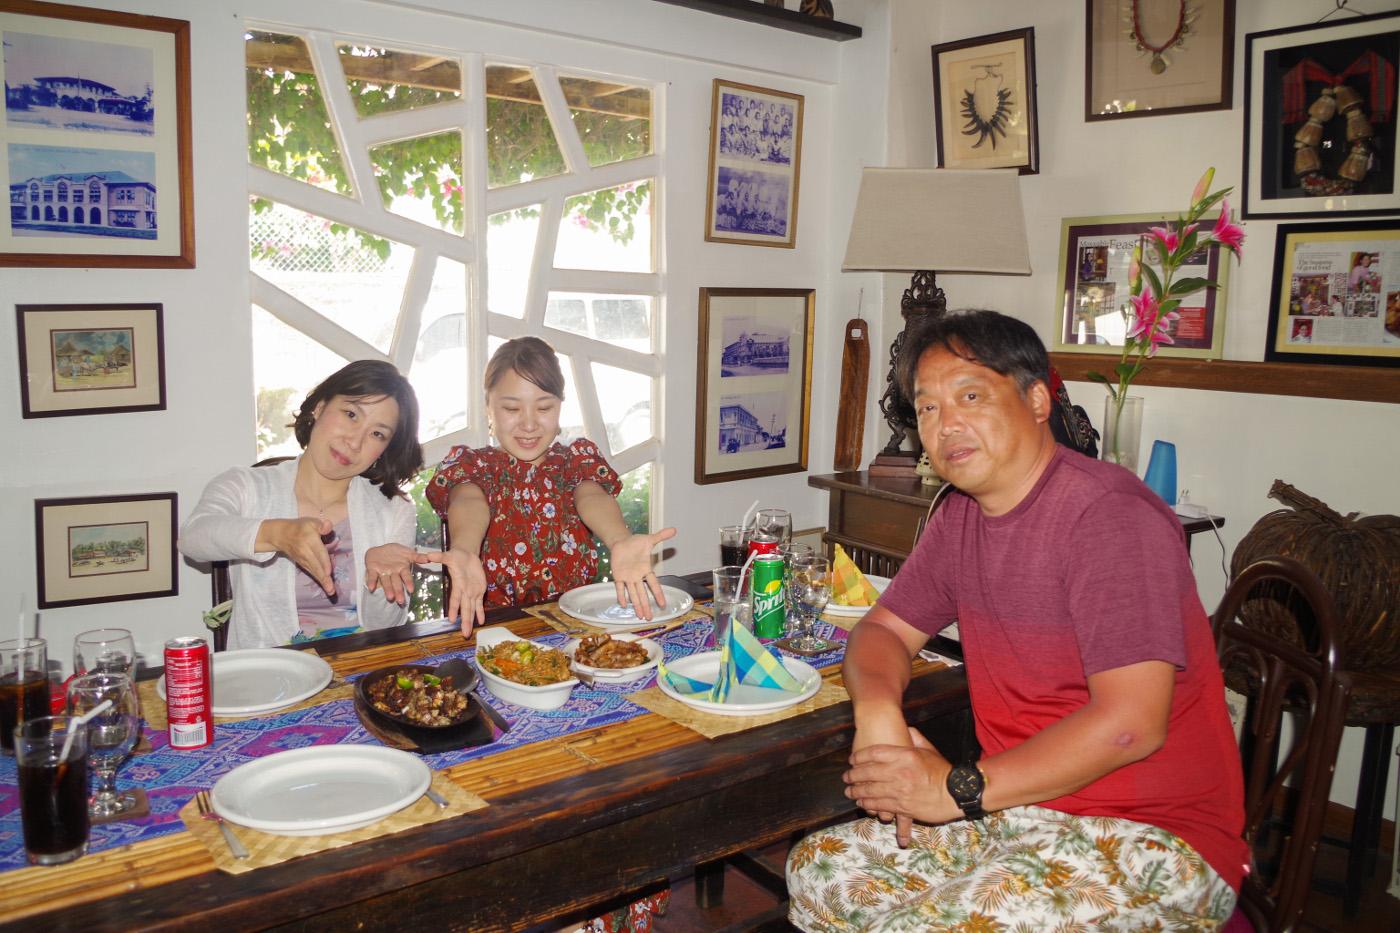 アバセリアカフェで昼食を食べる男性と女性2名